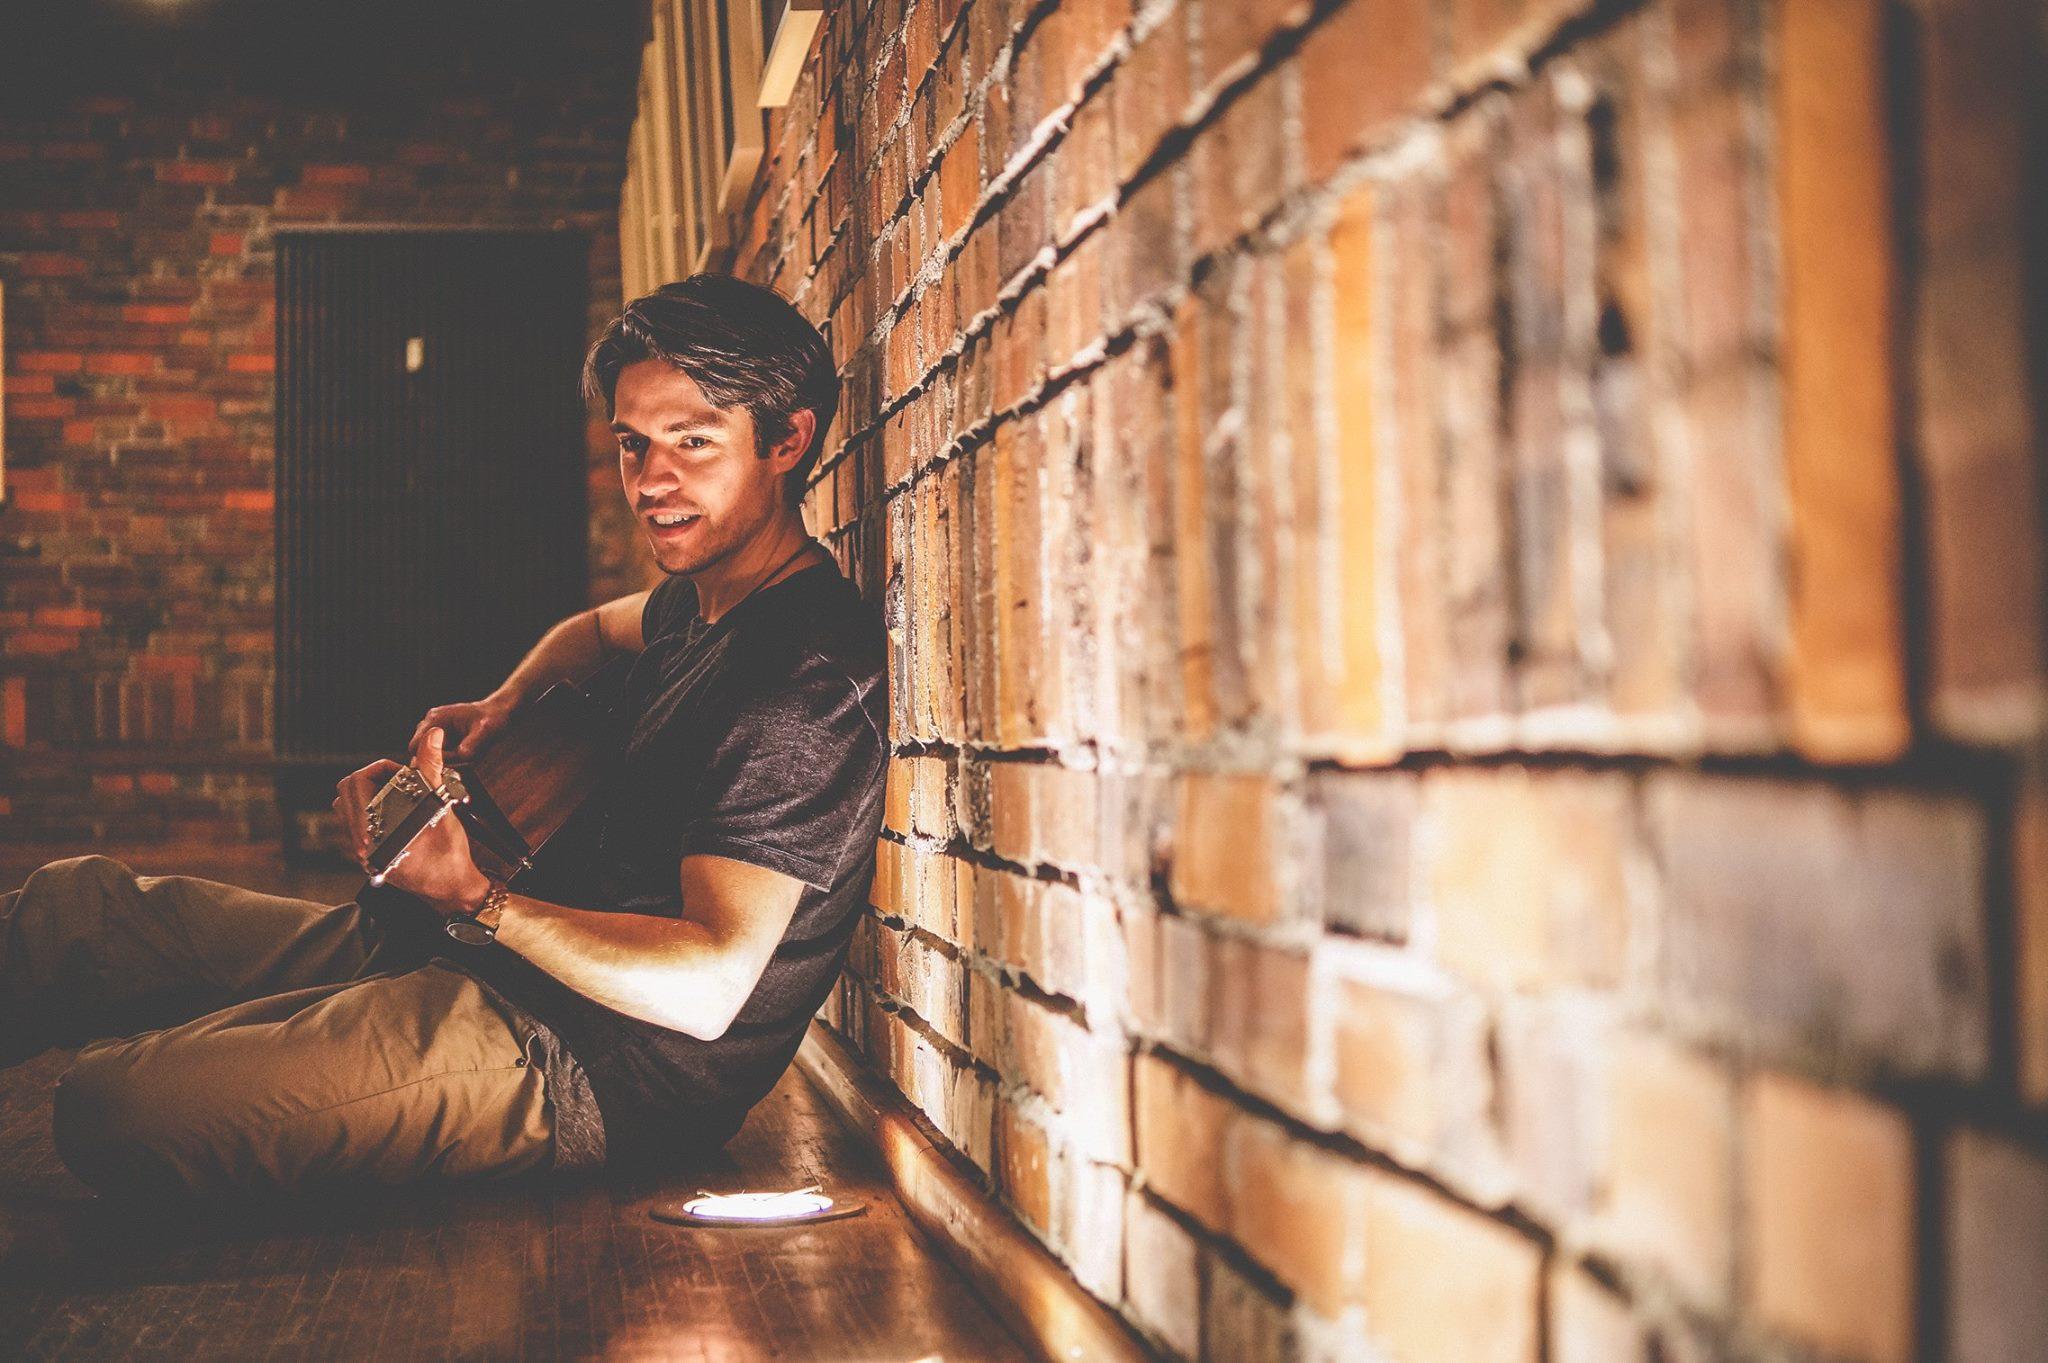 Der Singer-Songwriter Sascha Zemke alias Unknown Neighbour beeindruckt mit charismatischen Indie-Folk